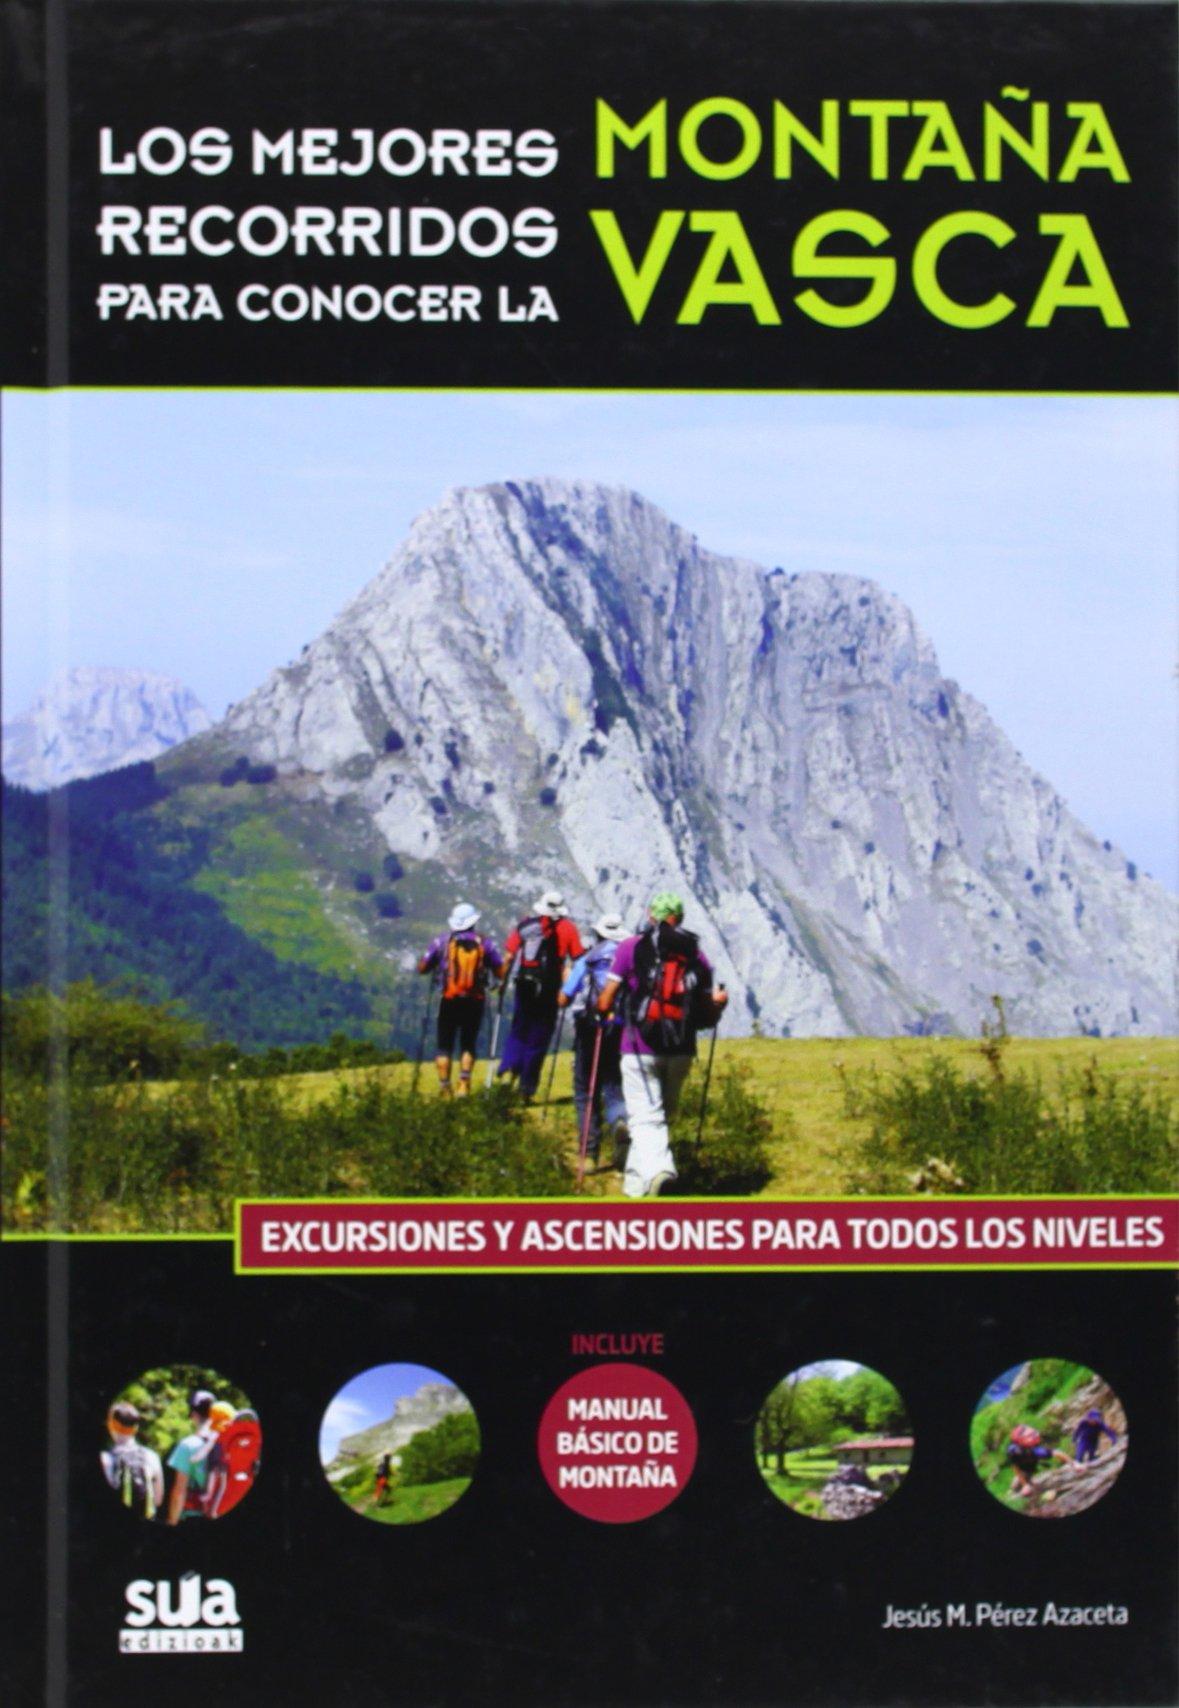 Los mejores recorridos de la montaña vasca Edicion Especial ...